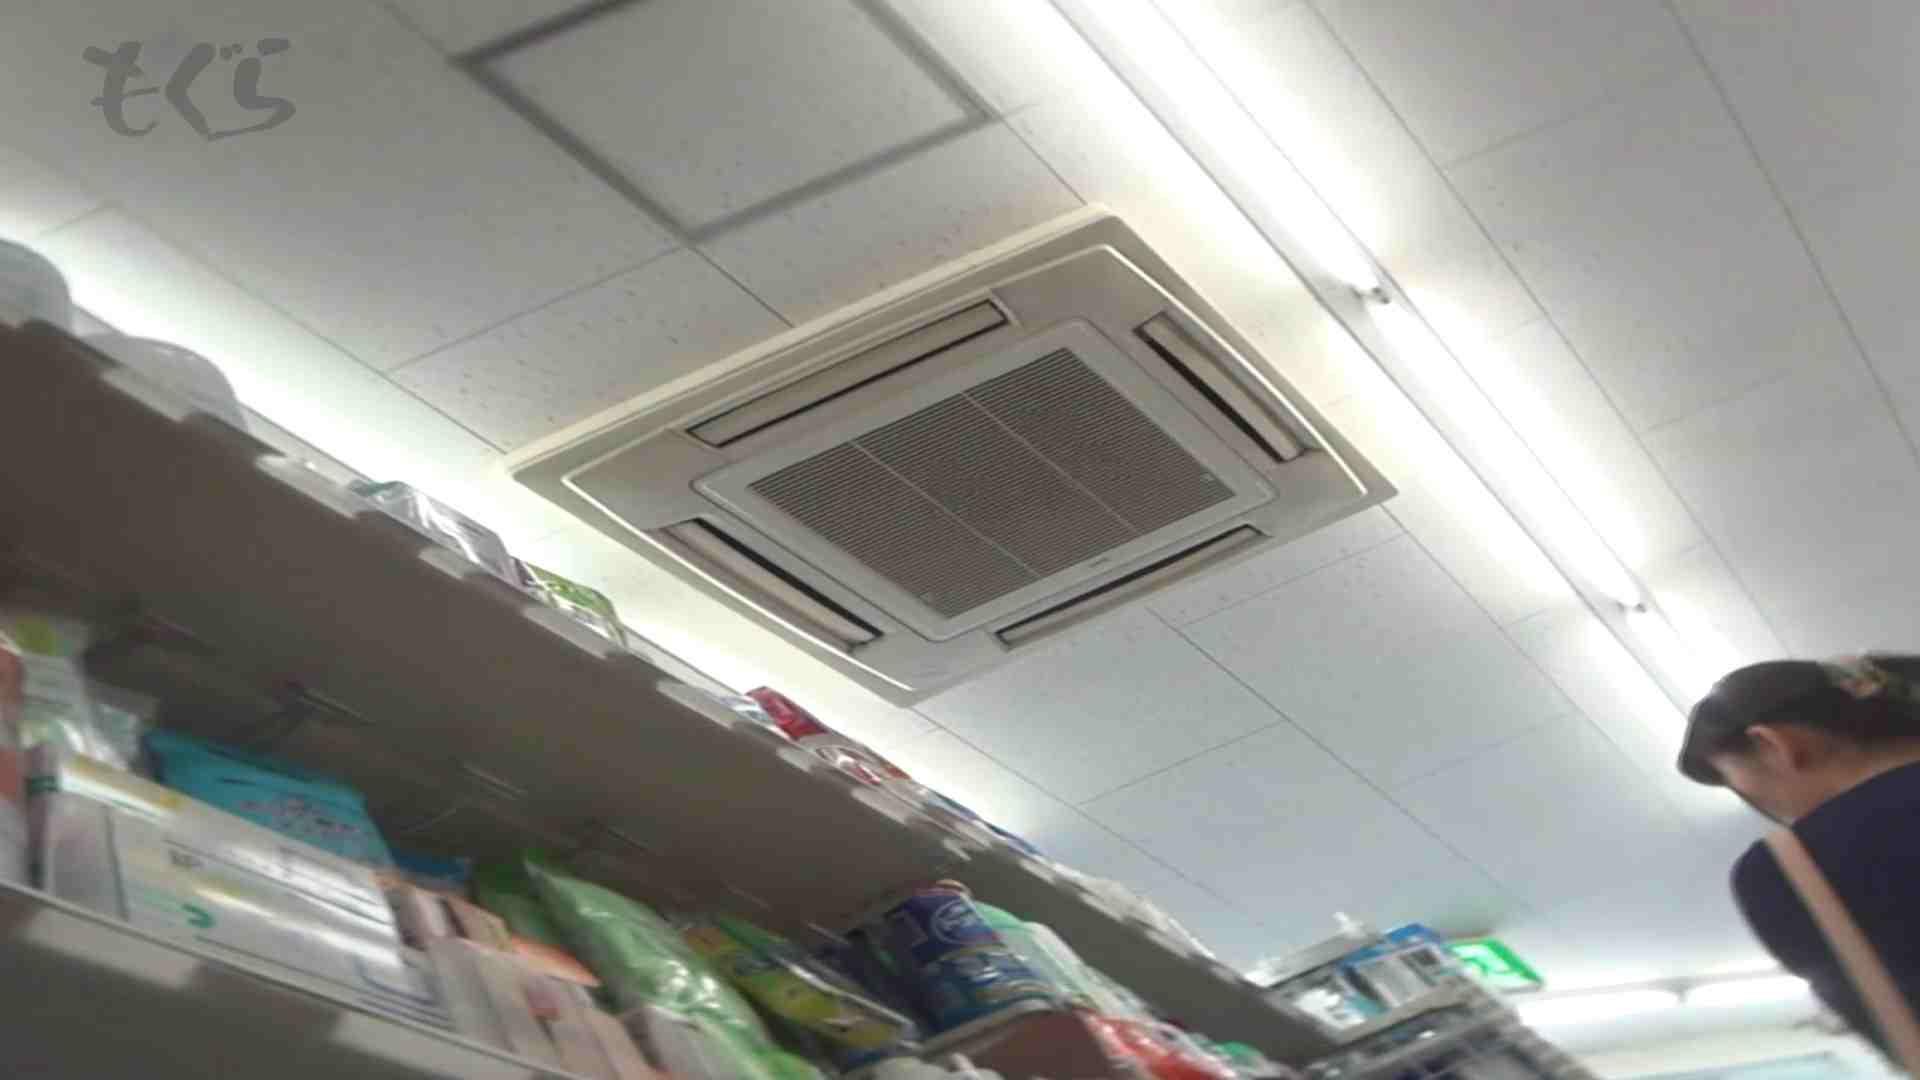 隣からNo38 暑いので涼しげワンピースがたっぷりです。 おまんこ無修正   ギャルの実態  62pic 16